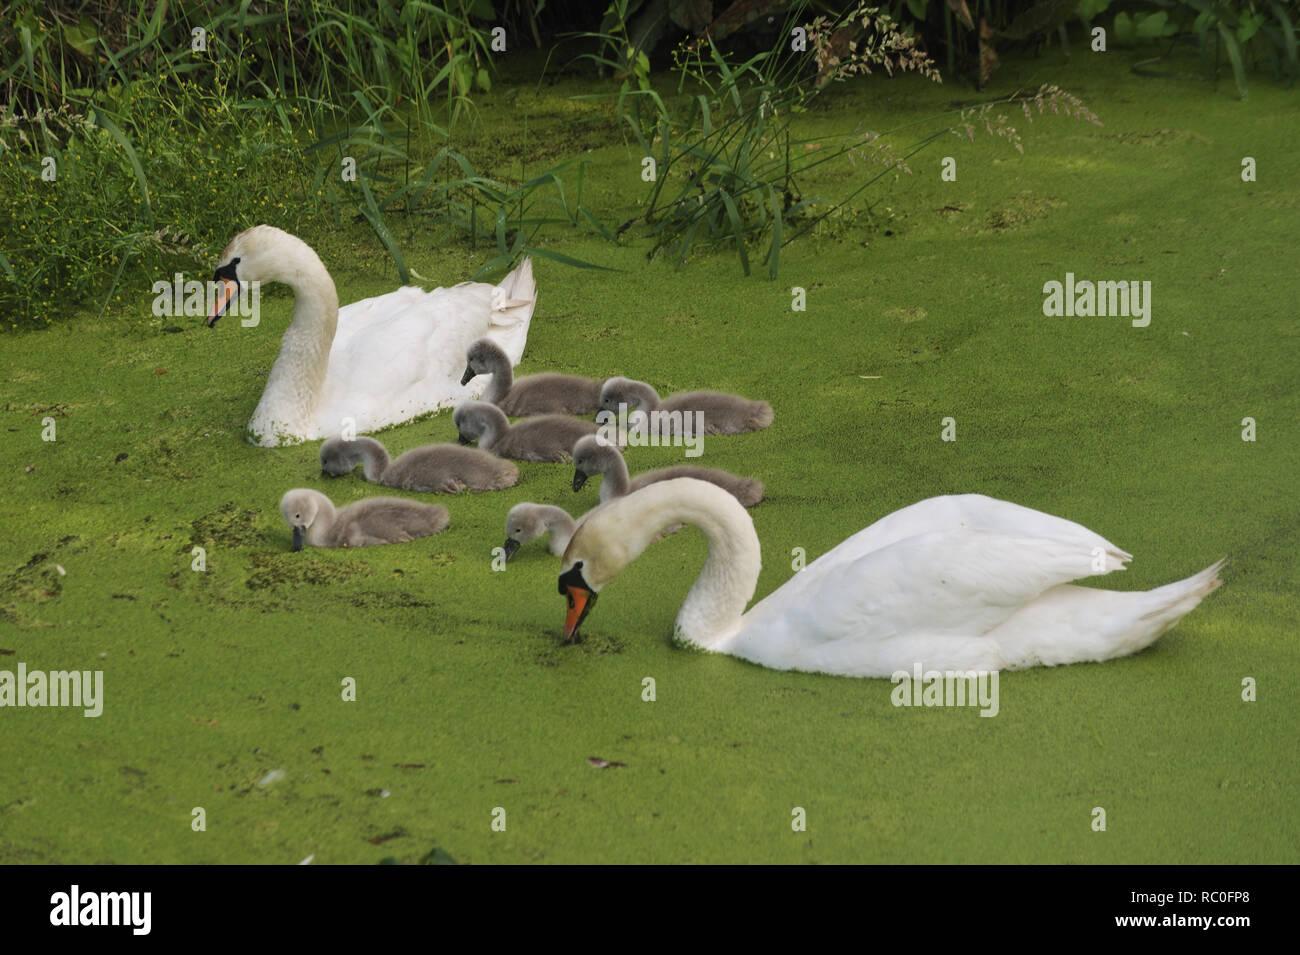 Schwanenpaar mit Küken auf dem Teich, Schlossgraben von Schloss Rühstädt, Rühstedt, Landkreis Prignitz, Brandeburgo, Deutschland, Europa   swan giovane Immagini Stock